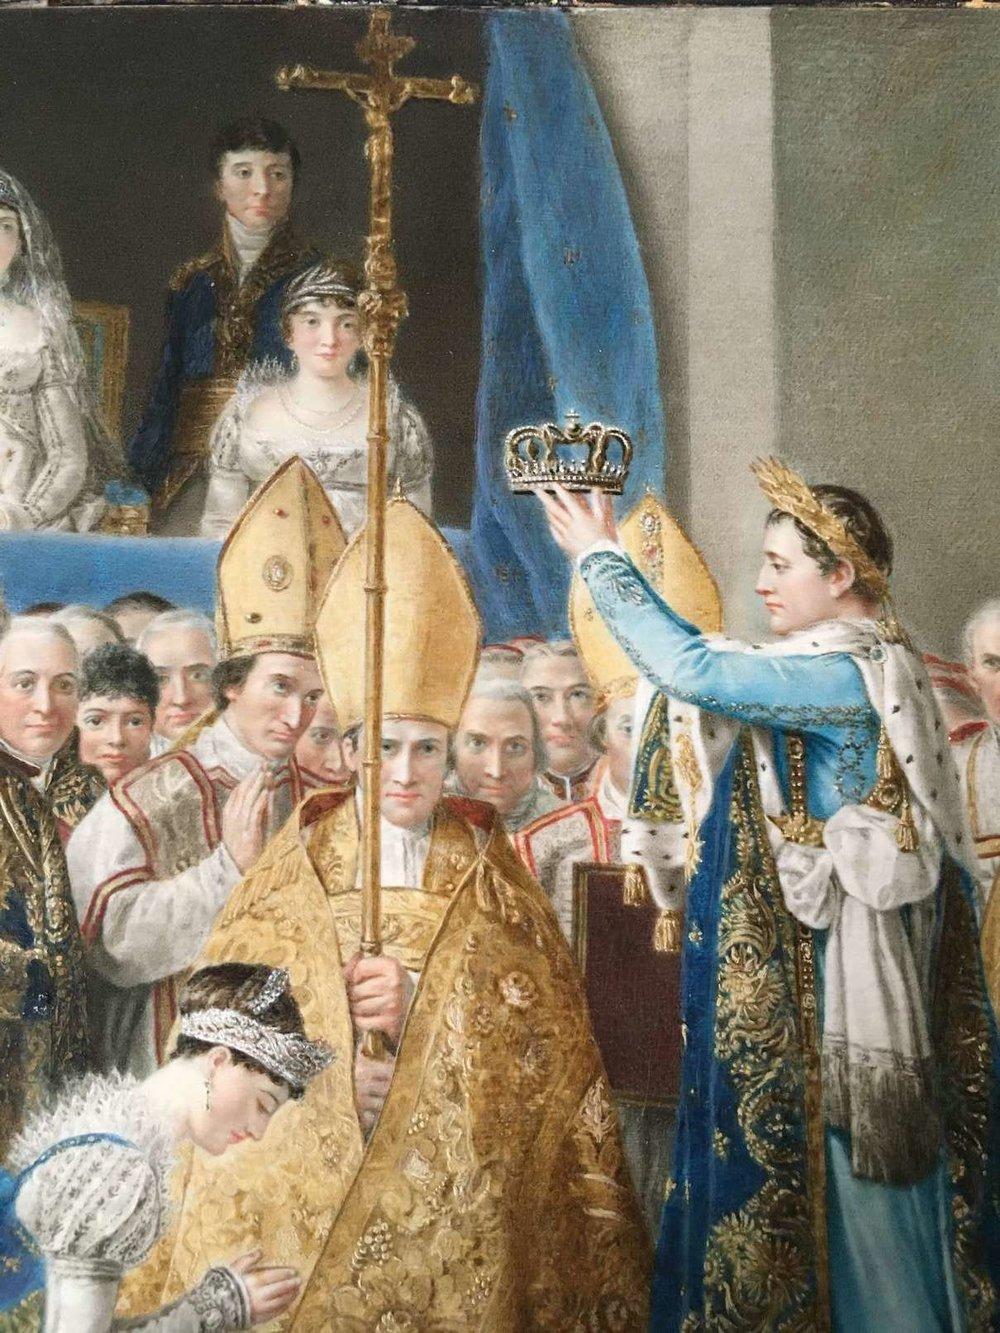 ivoire-aquarelle-sacre-napoleon-daid-peinture-louvre-art-restauration.jpg